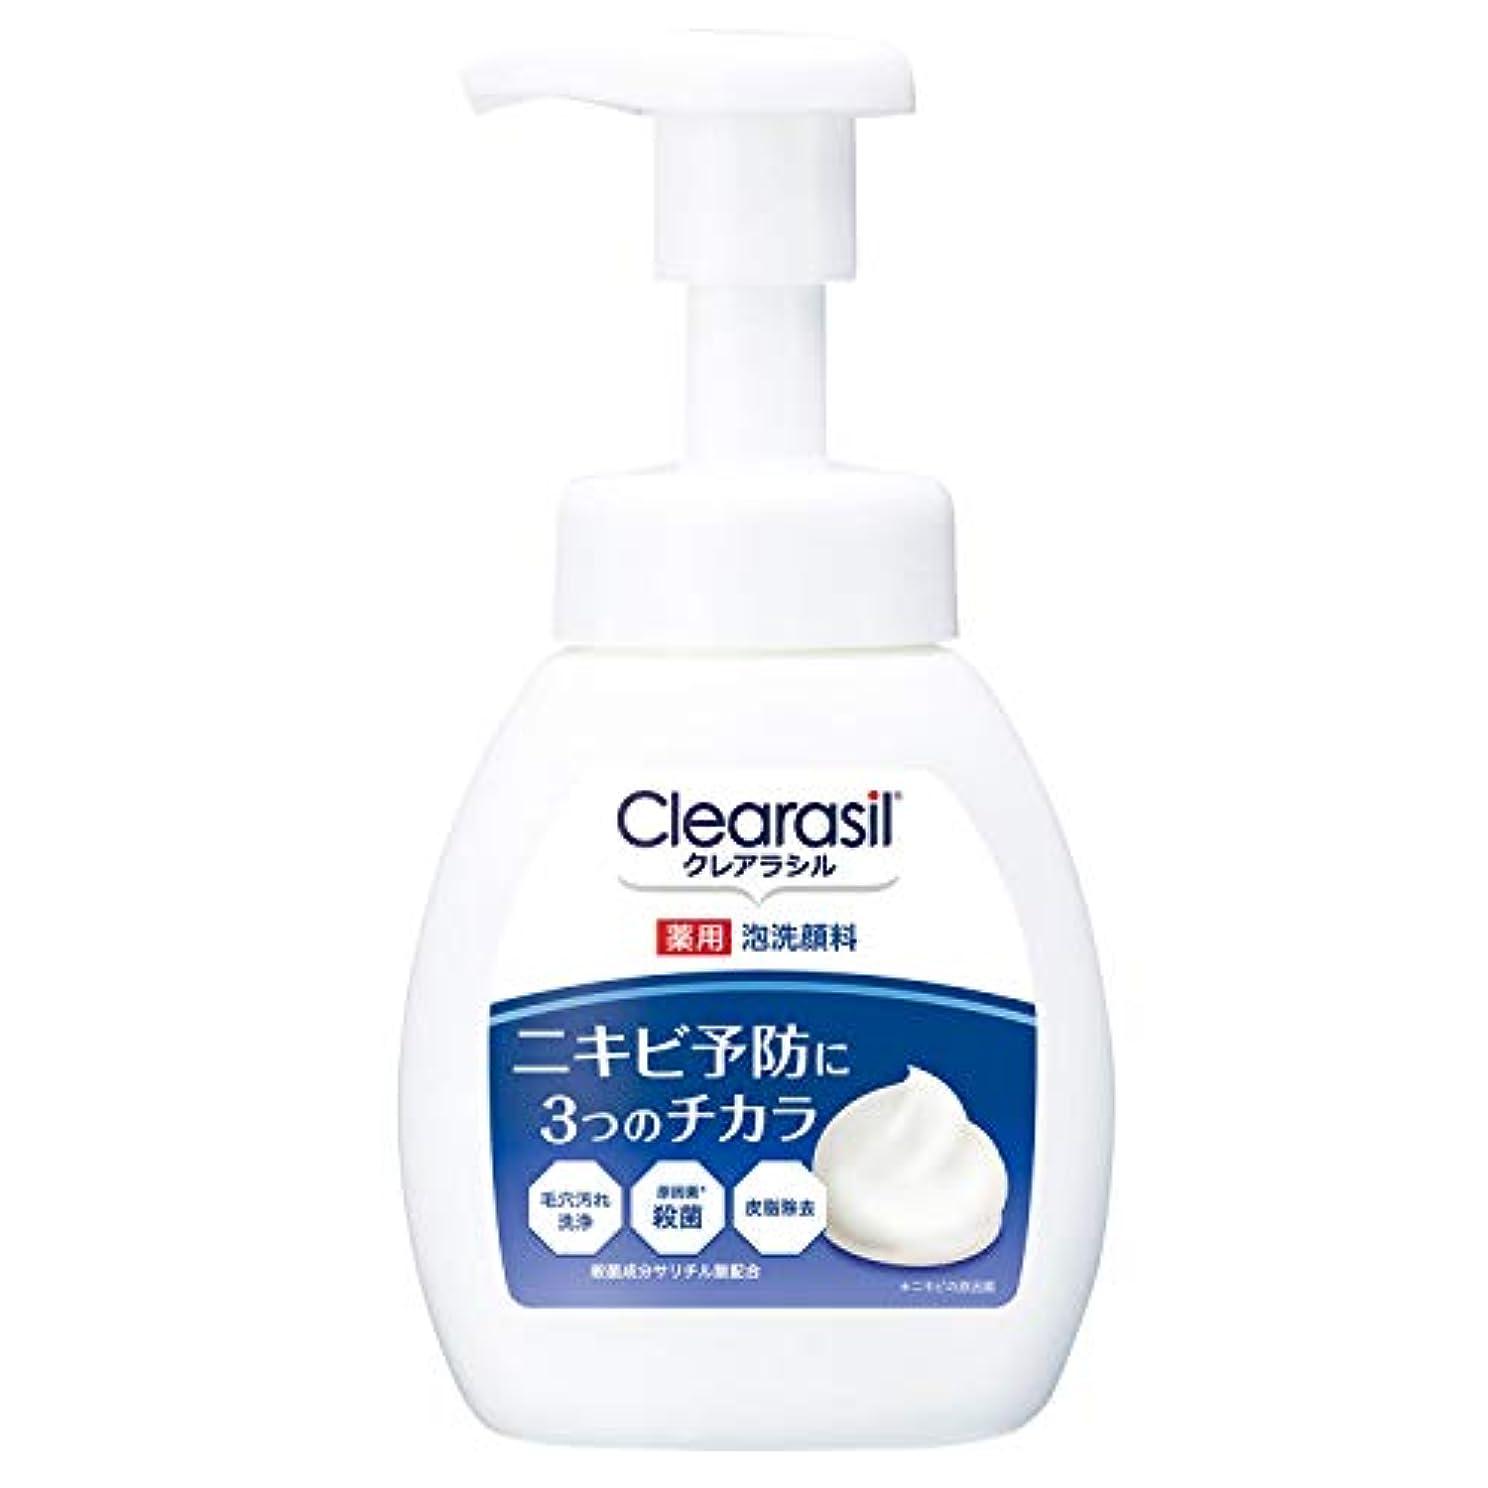 世界うめき声金貸しクレアラシル 薬用泡洗顔フォーム 10 本体 200ml